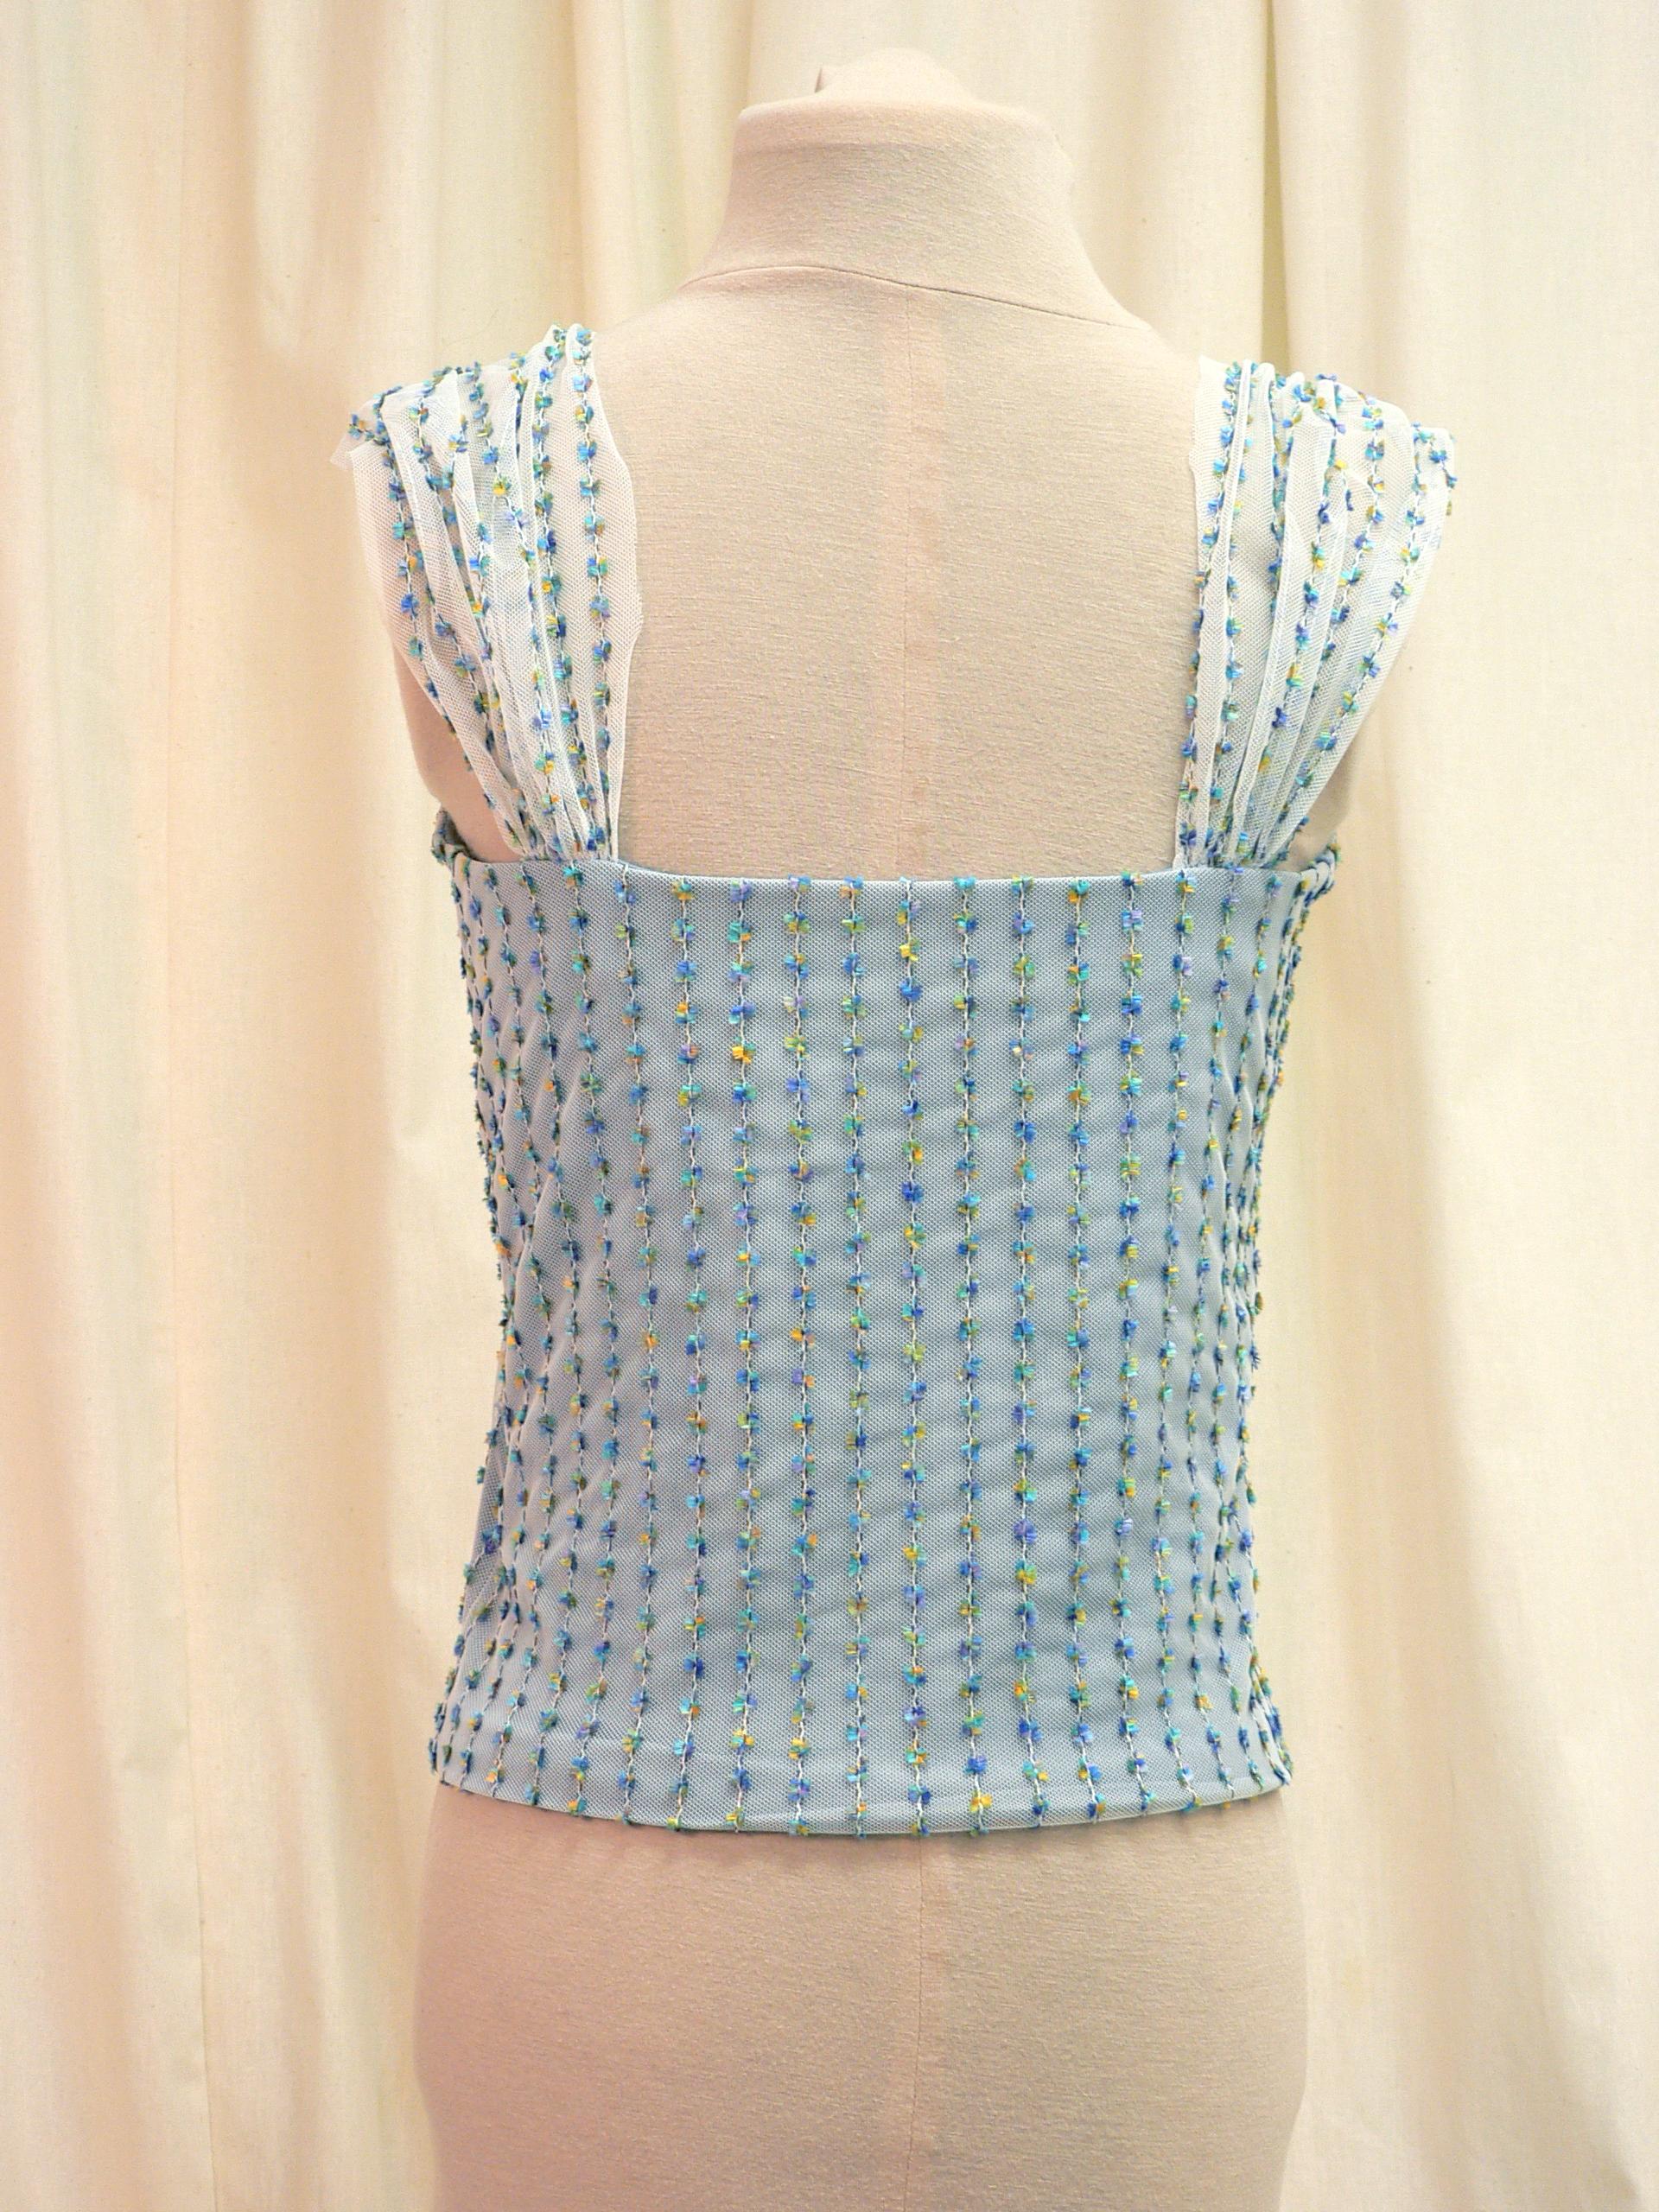 blouse11_back2.jpg